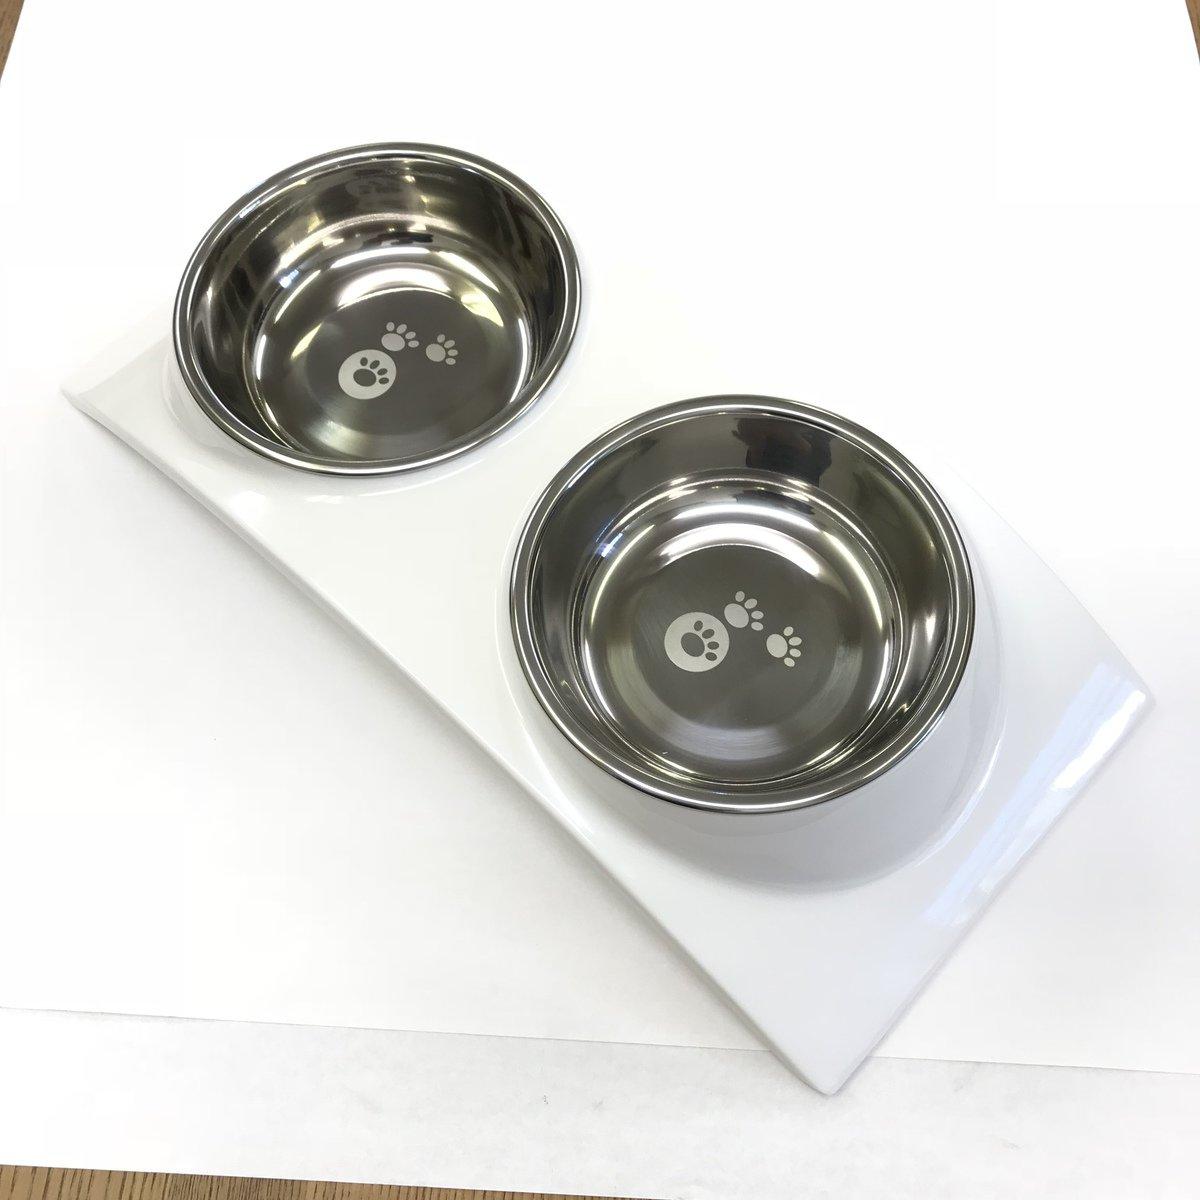 トムキャット [食器]レインボー ディナーセット M ホワイト×12入【送料無料】